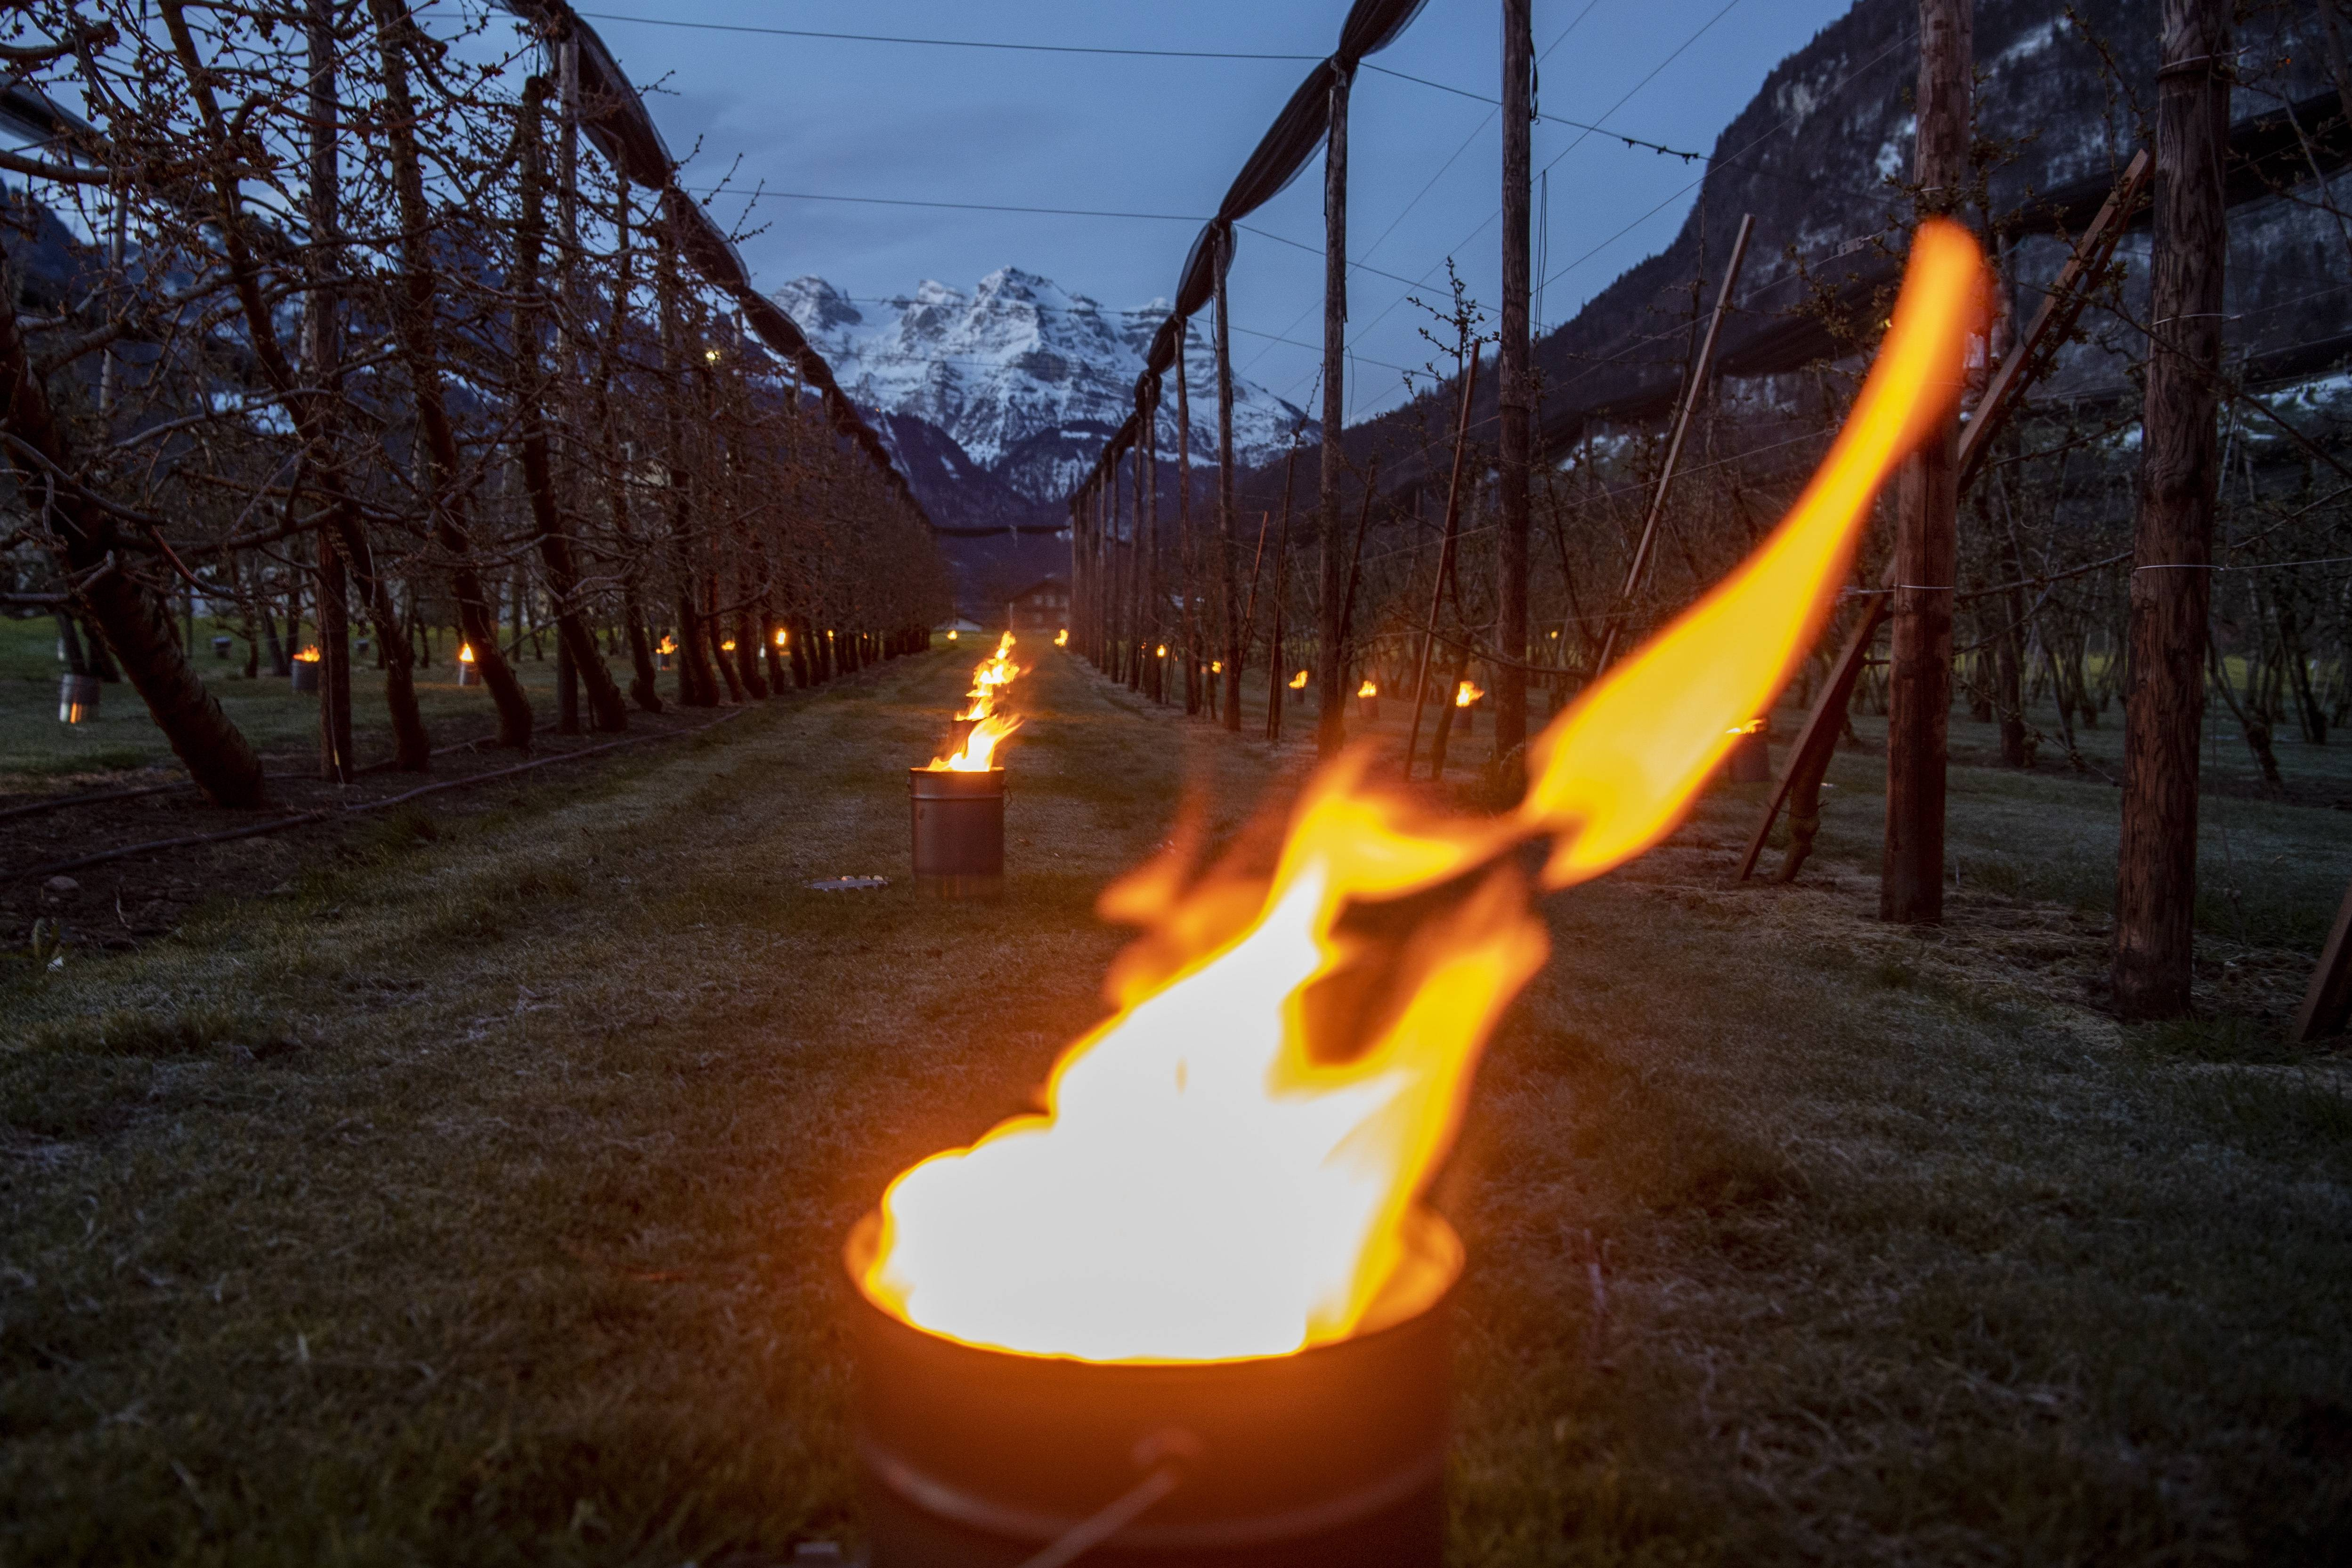 瑞士:点蜡烛 防霜冻